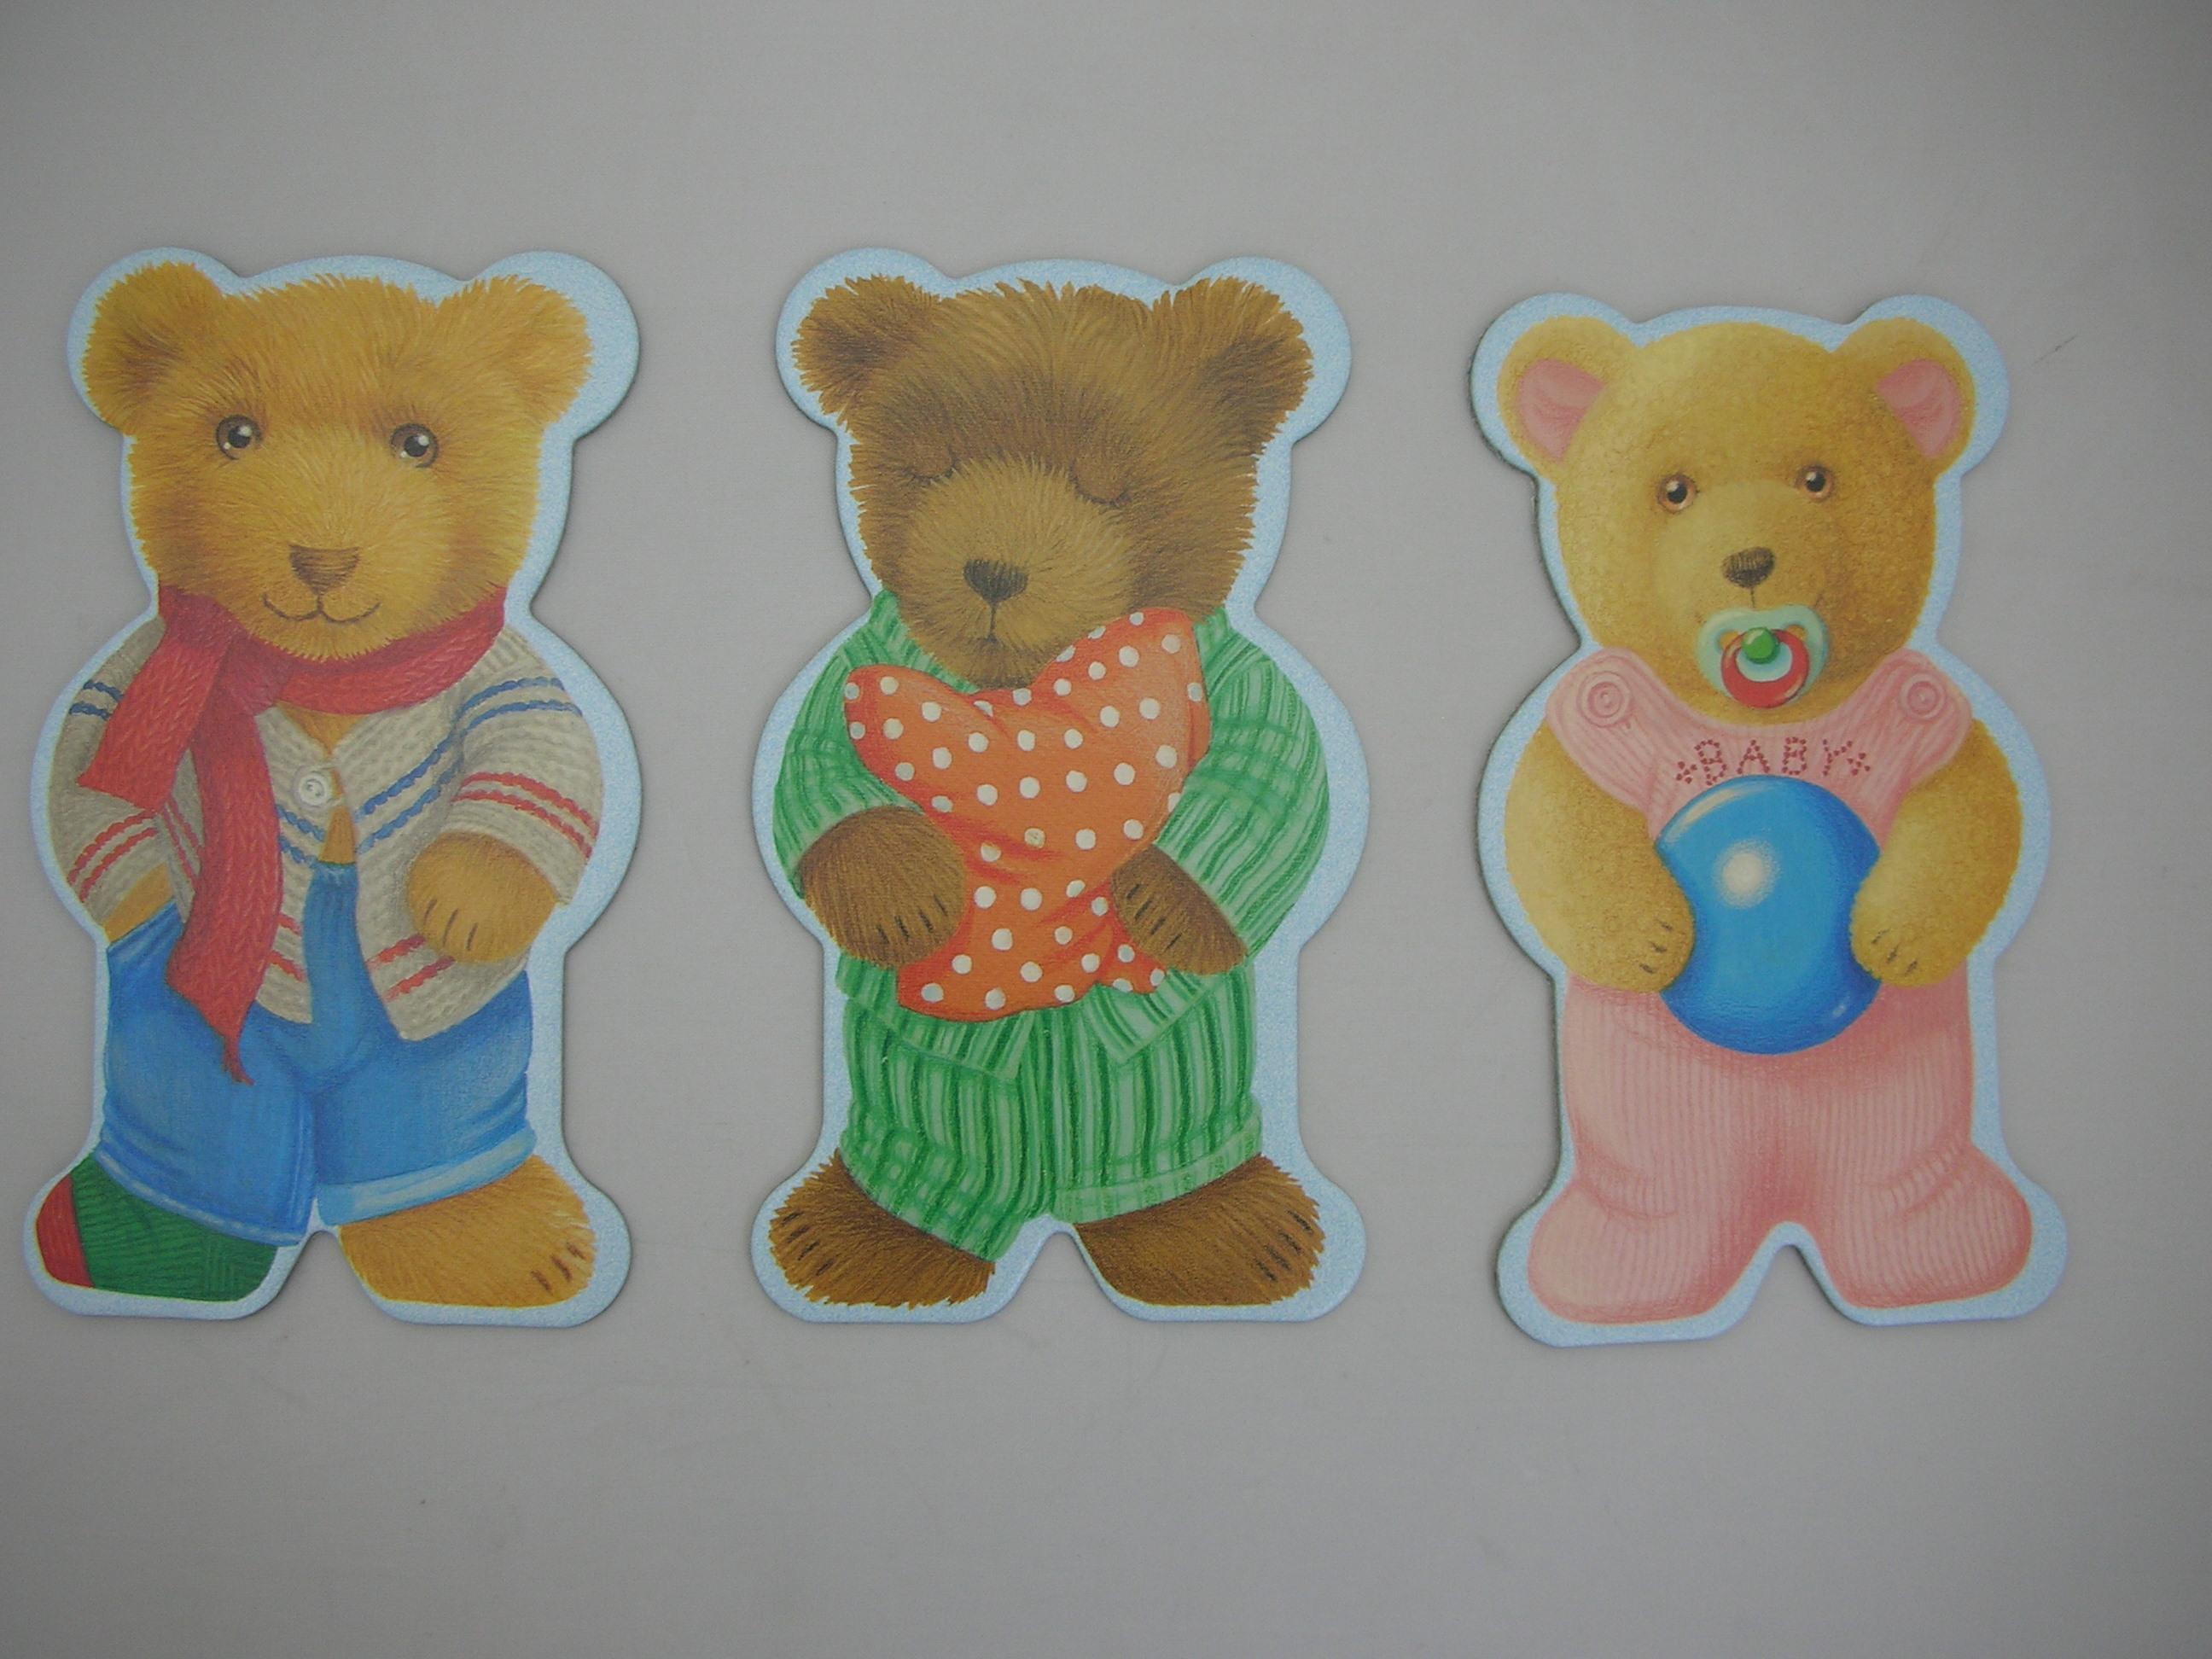 テディメモリー ~可愛いクマのメモリーゲーム。大きくてごっこ遊びもできちゃいそう。~